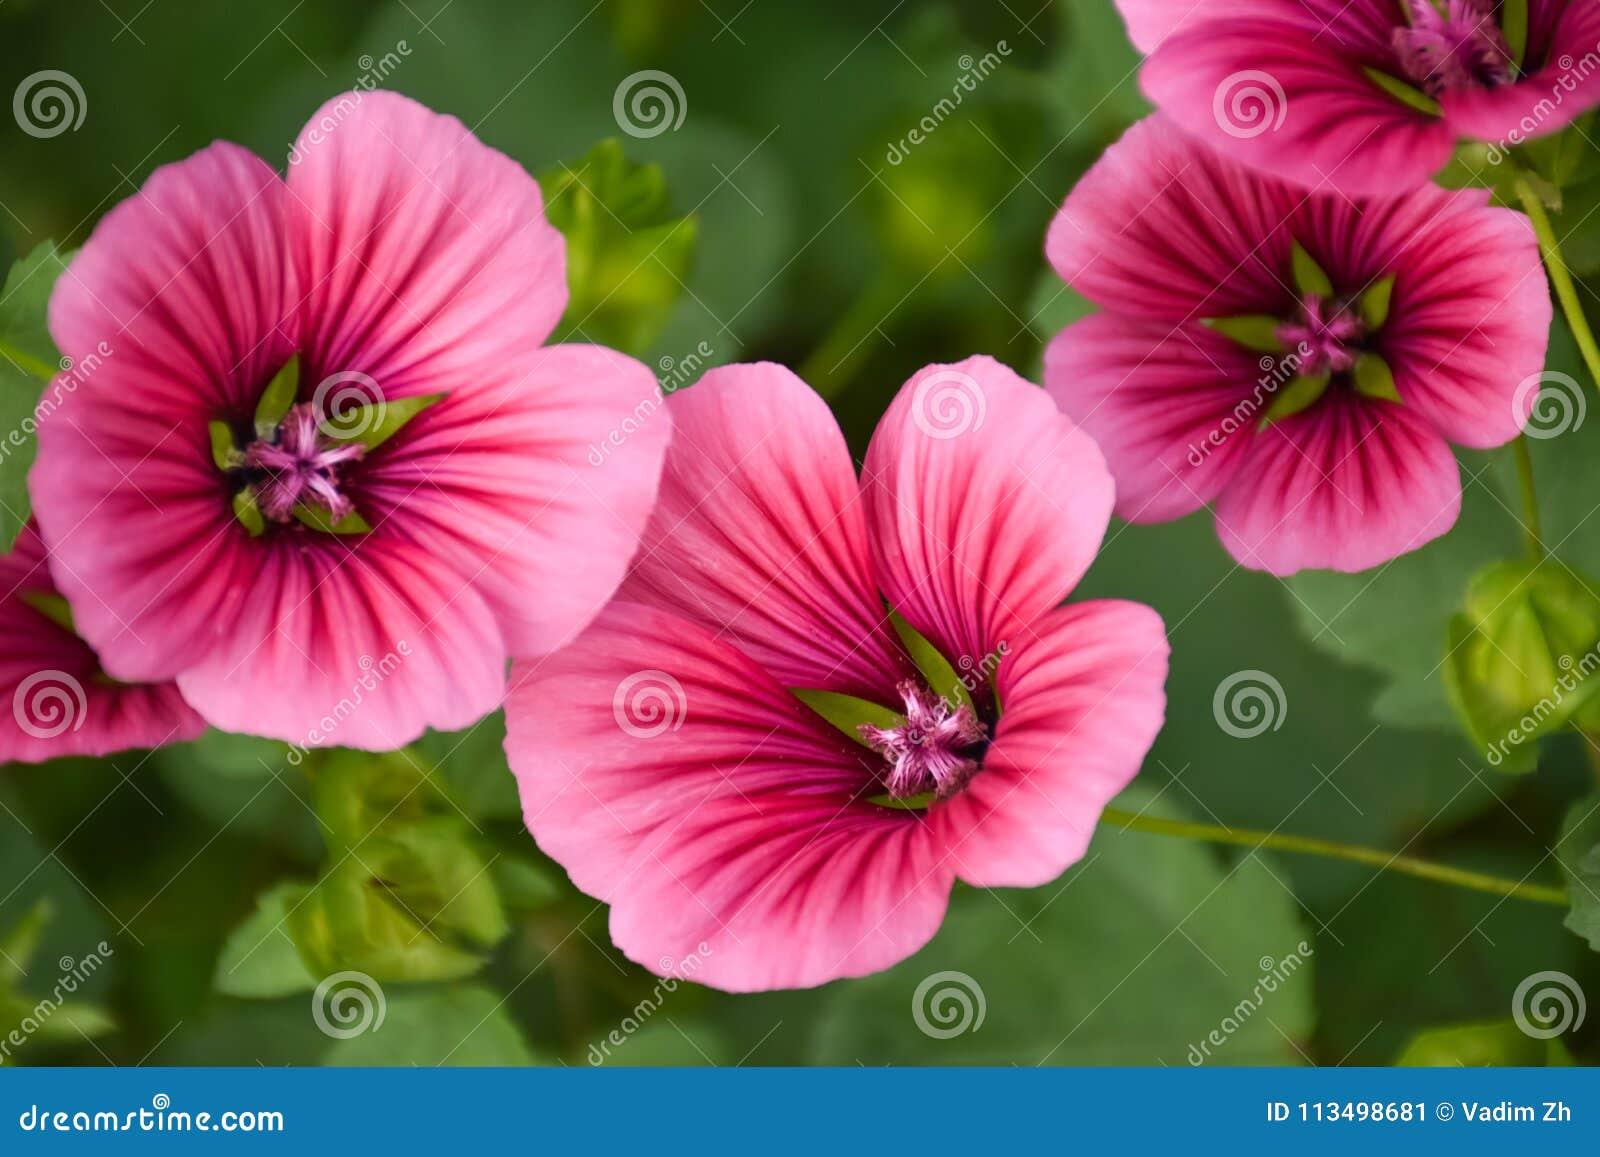 Άγρια λουλούδια σε ένα καλοκαίρι ημέρα malva